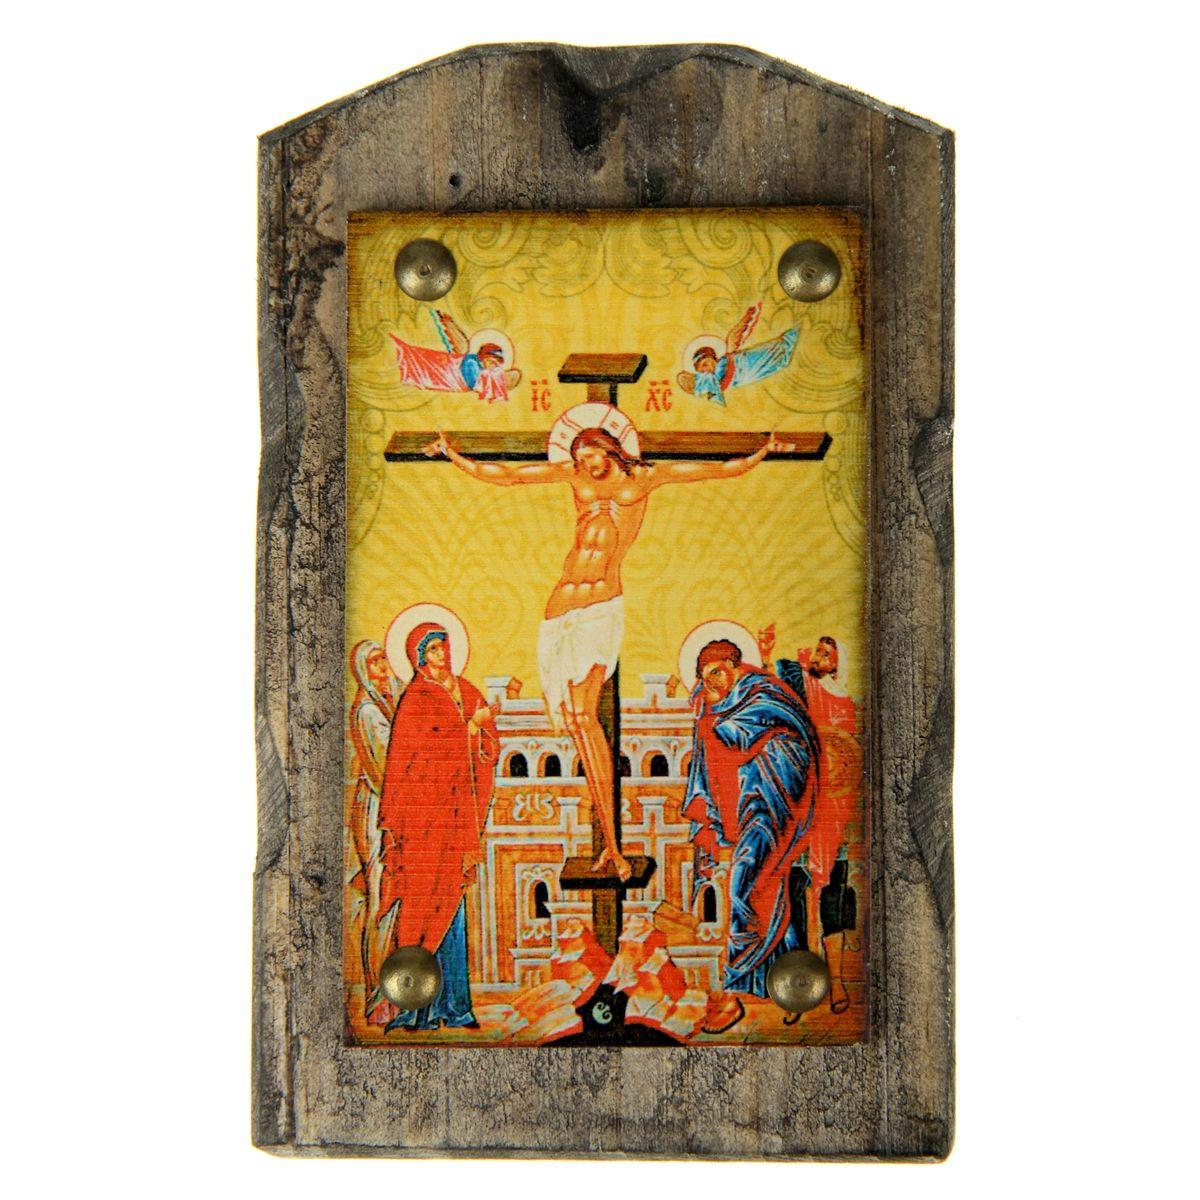 Икона на дереве Распятие Господне, 9,5 х 15 смFS-80299Икона Распятие Господне изготовлена из состаренного дерева с полноцветным изображением и металлическими элементами. Икона выполнена в стиле древних греческих икон. На ее обратной стороне имеется подвес, поэтому ее удобно вешать на стену. Изображенный образ полностью соответствует канонам Русской Православной Церкви. Икона выглядит по-настоящему богатой и старинной. Такая икона будет прекрасным подарком с духовной составляющей.